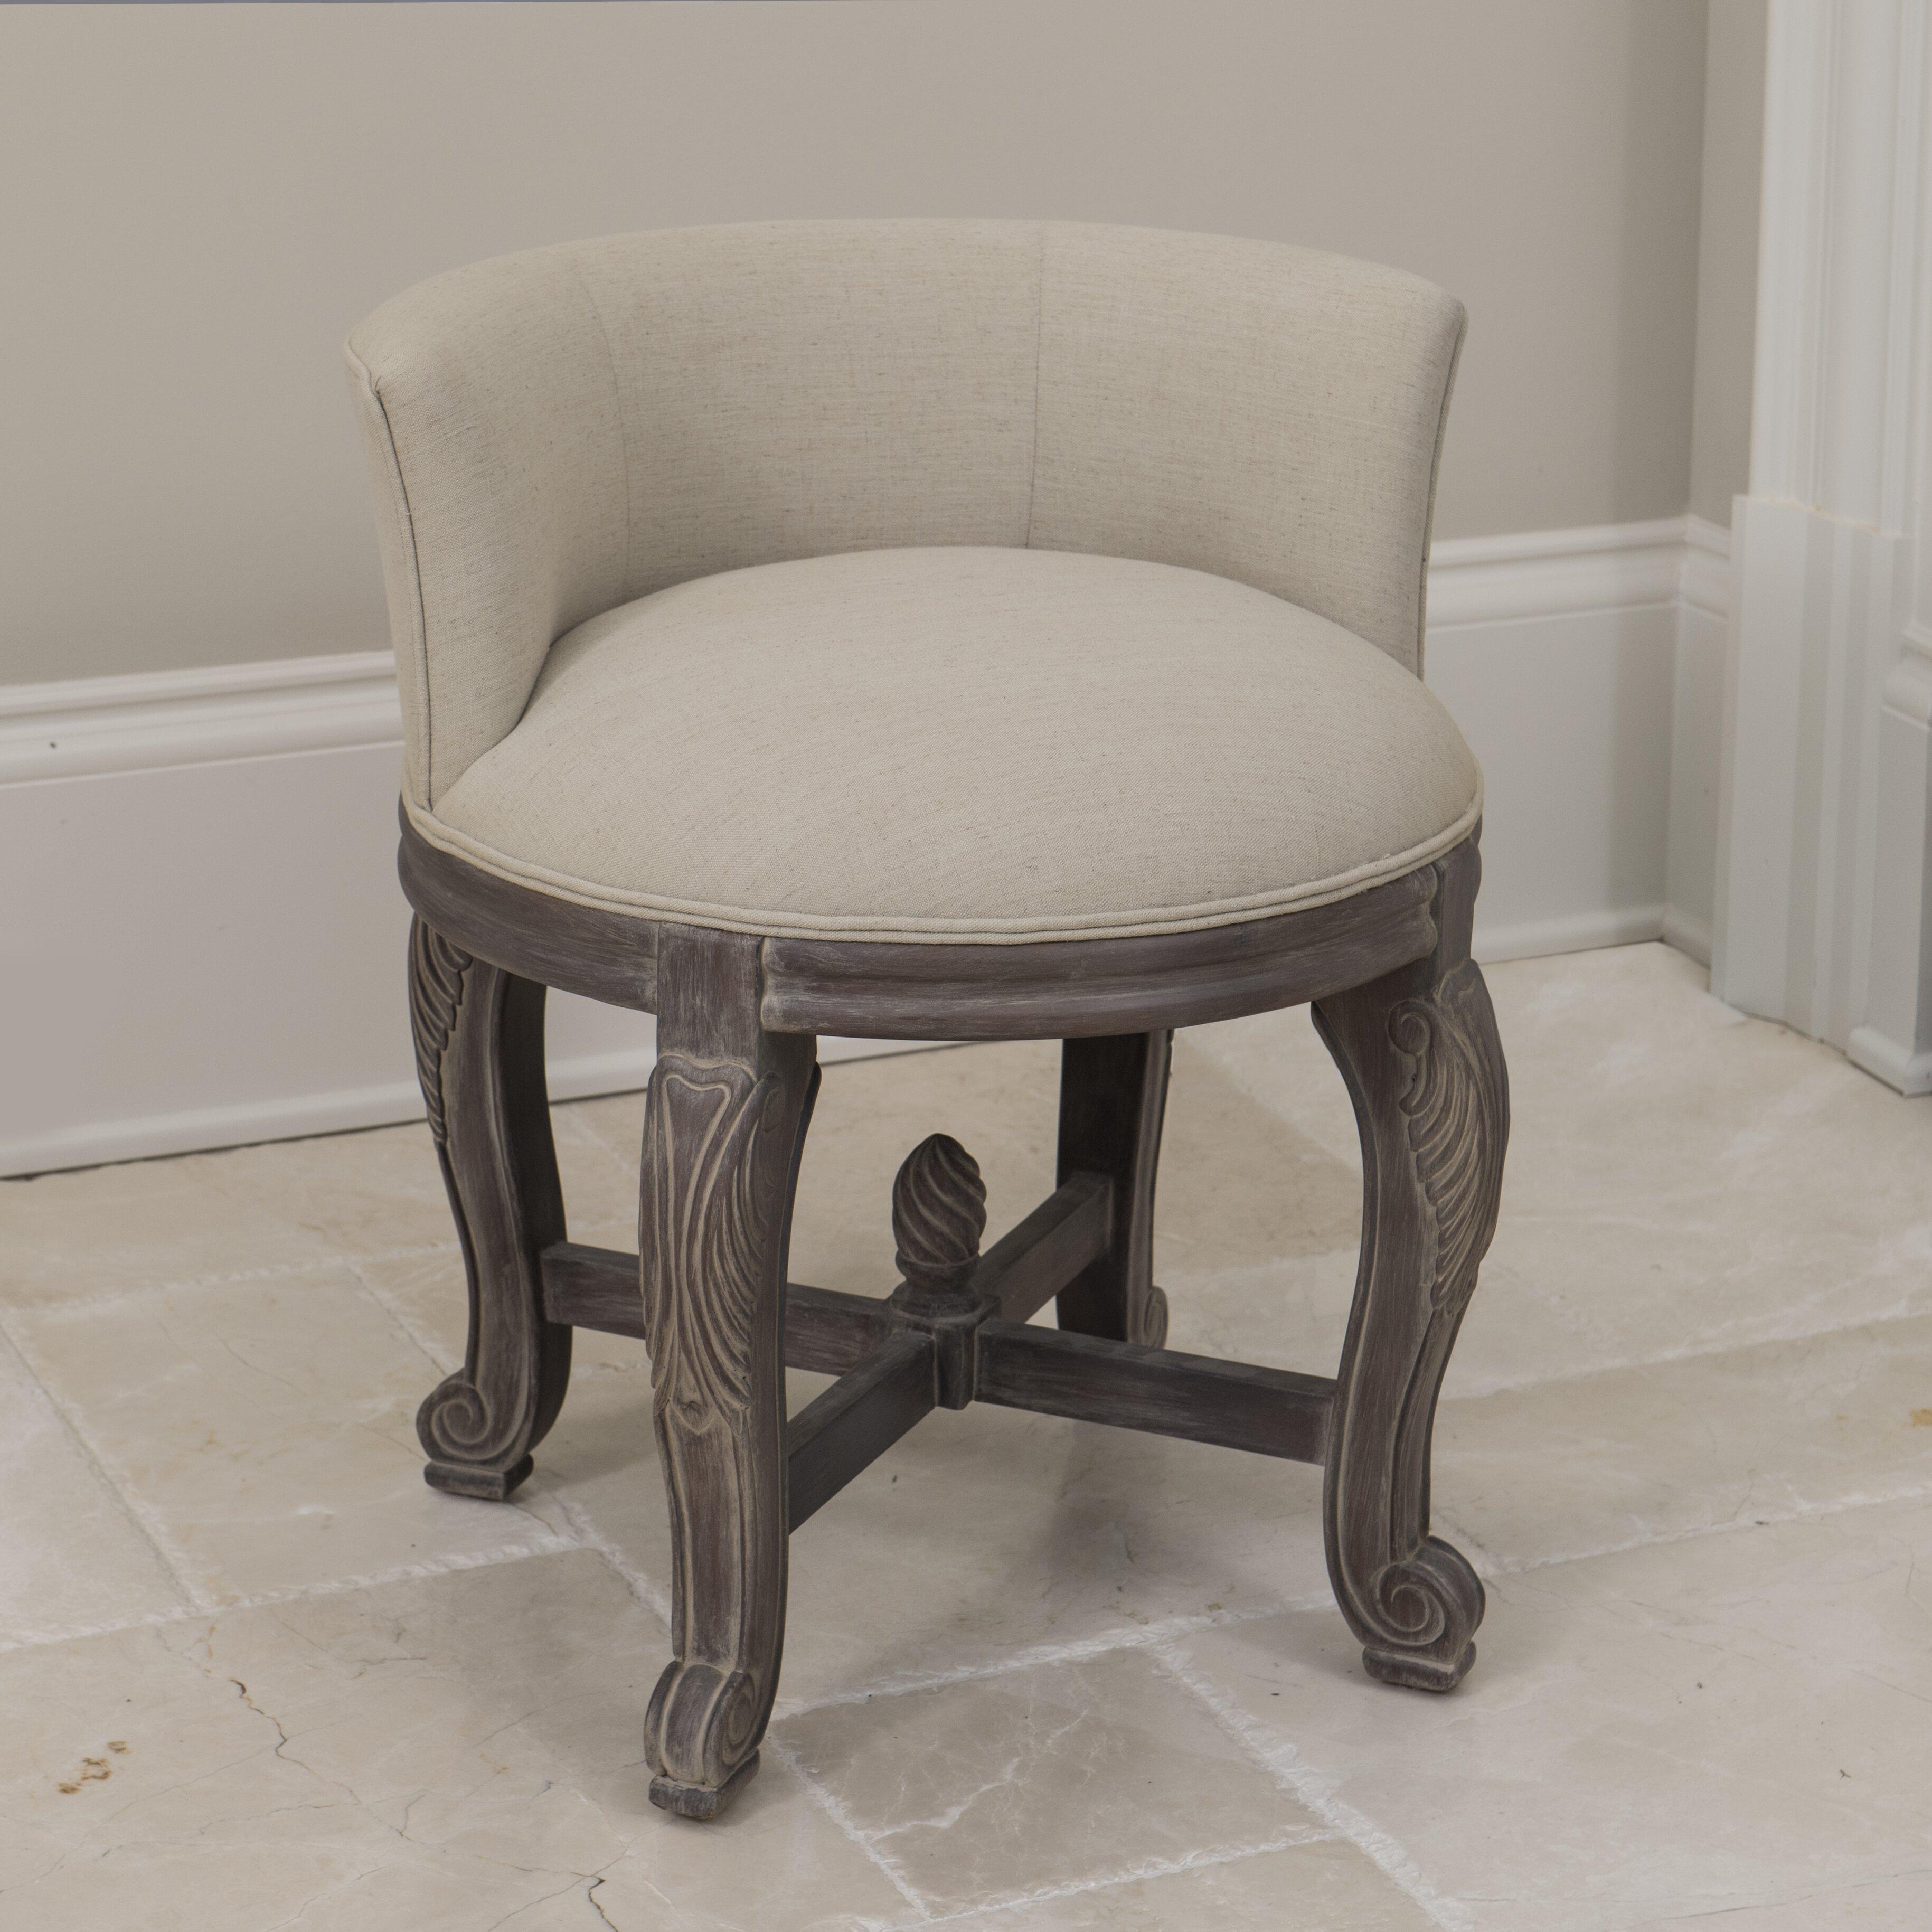 Gianna Vanity Chair Queensley Upholstered Black Walnut Vanity – Vanity Chair for Bathroom